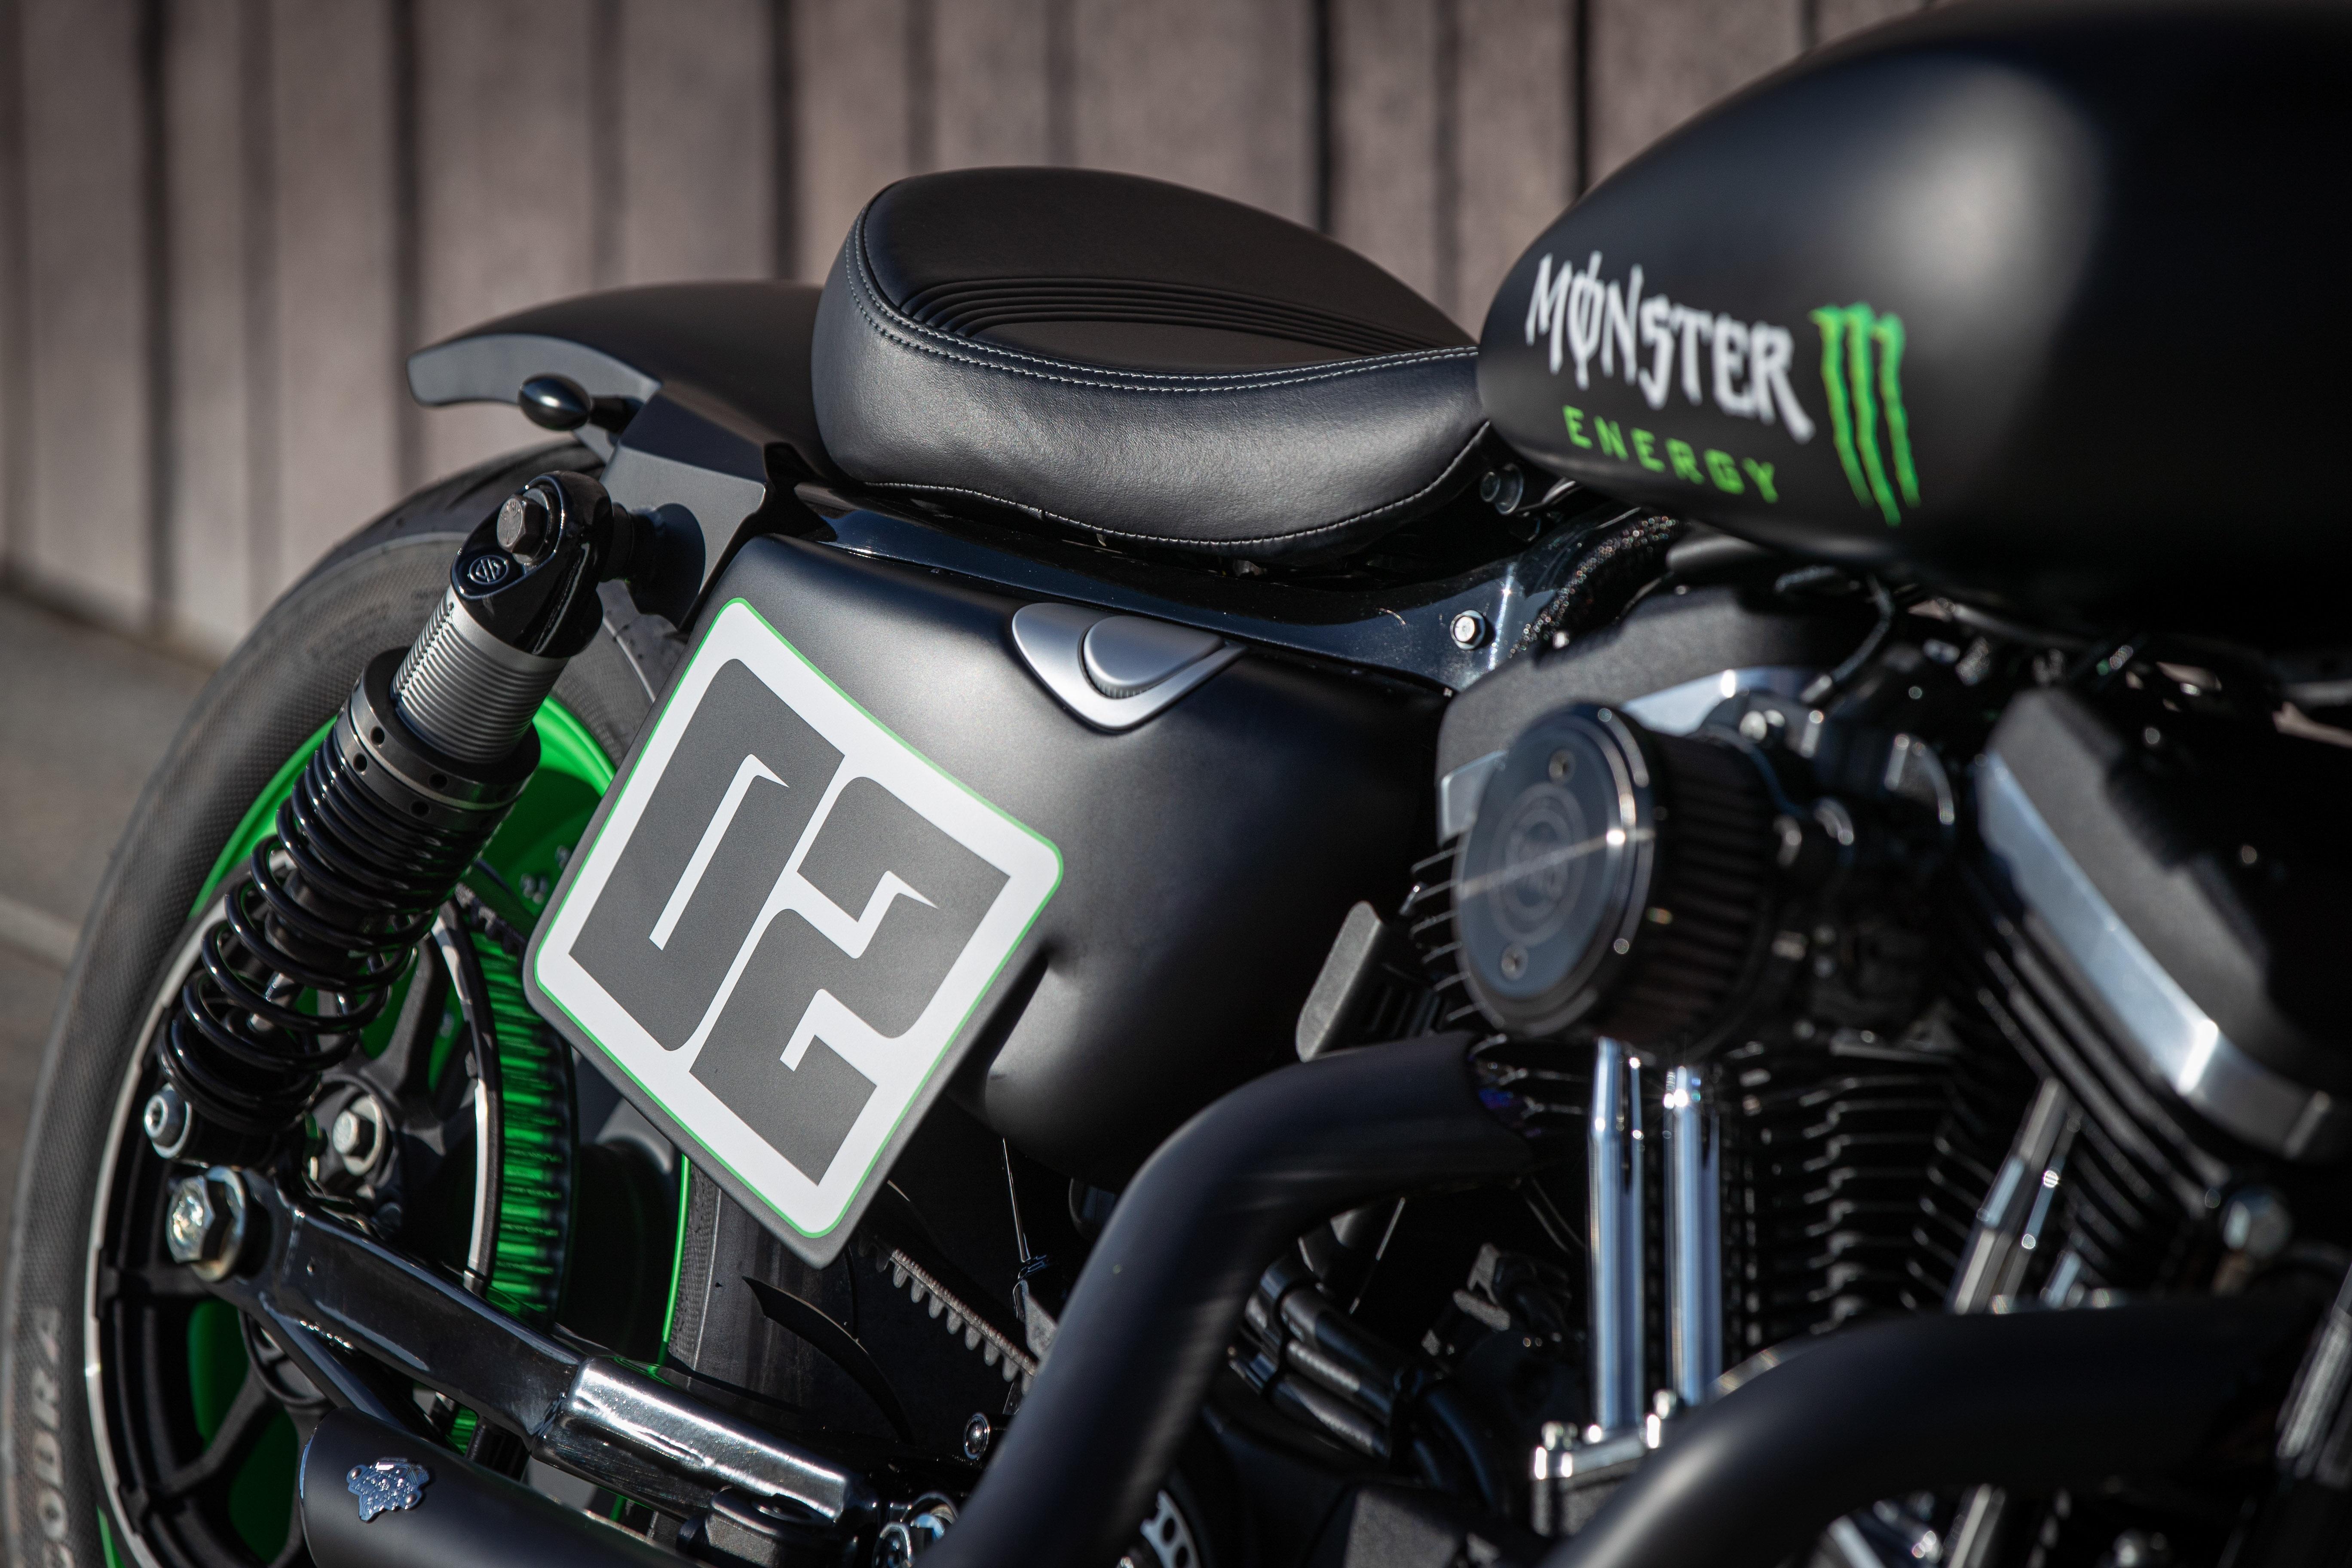 Ngam dan xe Harley-Davidson Sportster lot xac voi ban do Sykes hinh anh 35 2020_Harley_Davidson_Sportster_Custom_5300.jpg